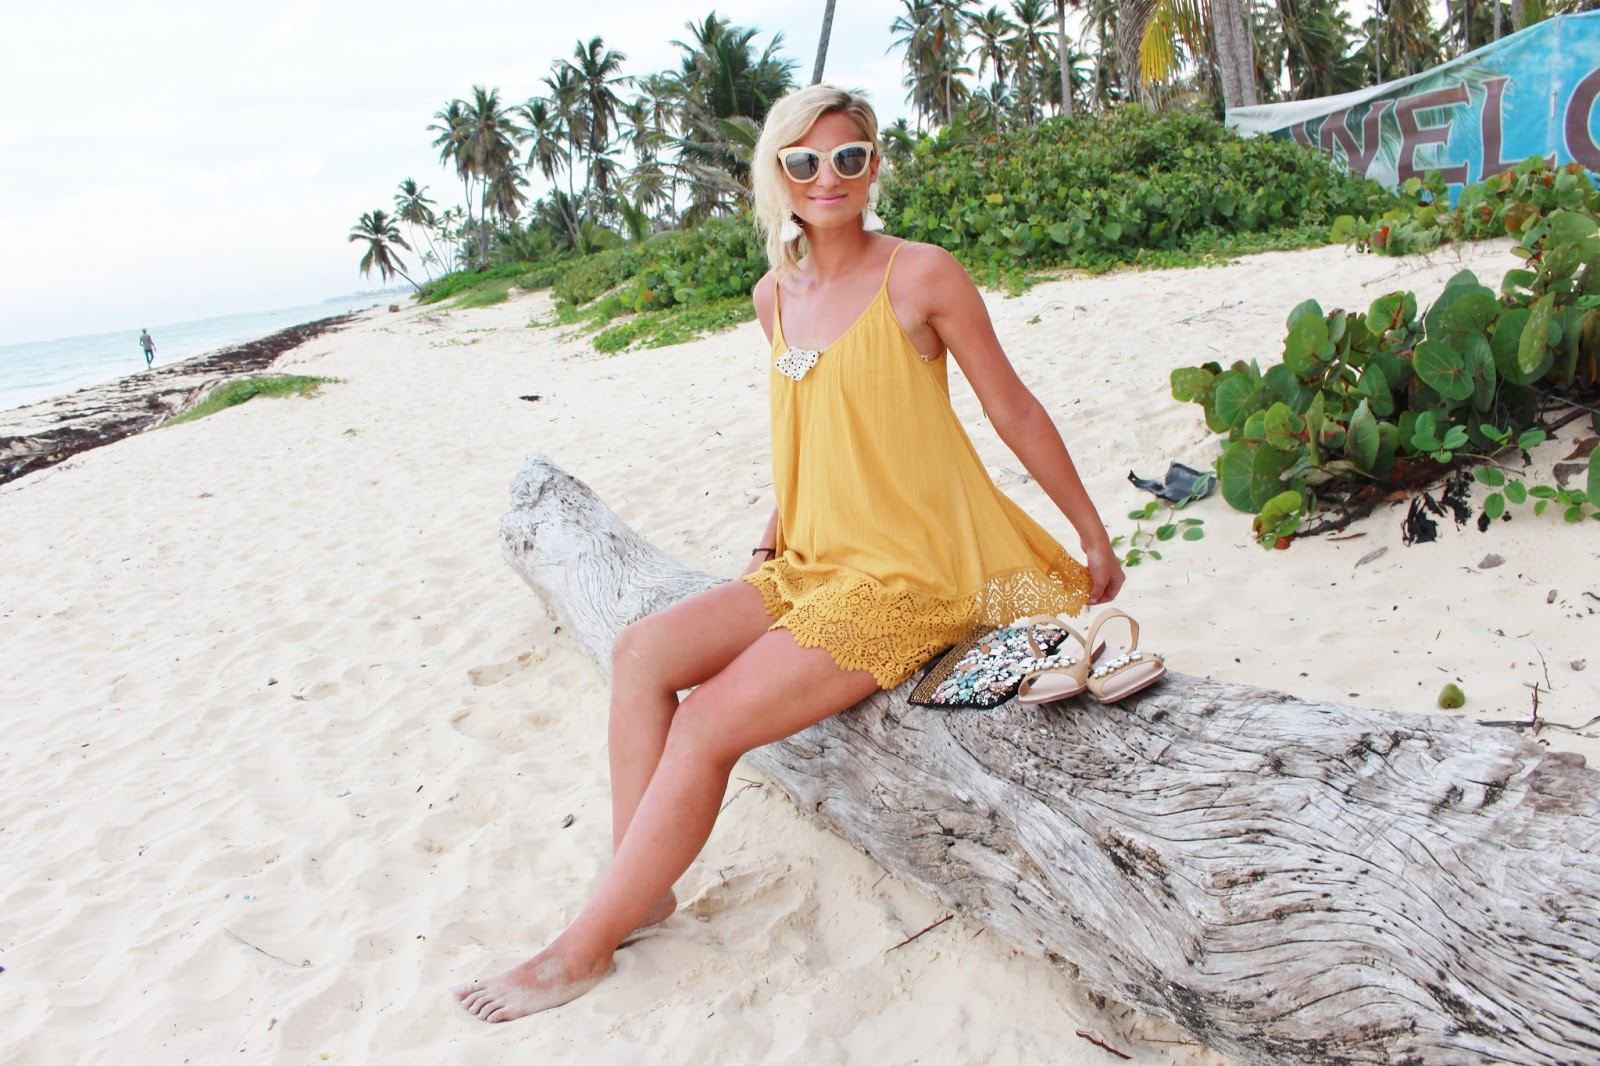 bijuleni-summer beach romper